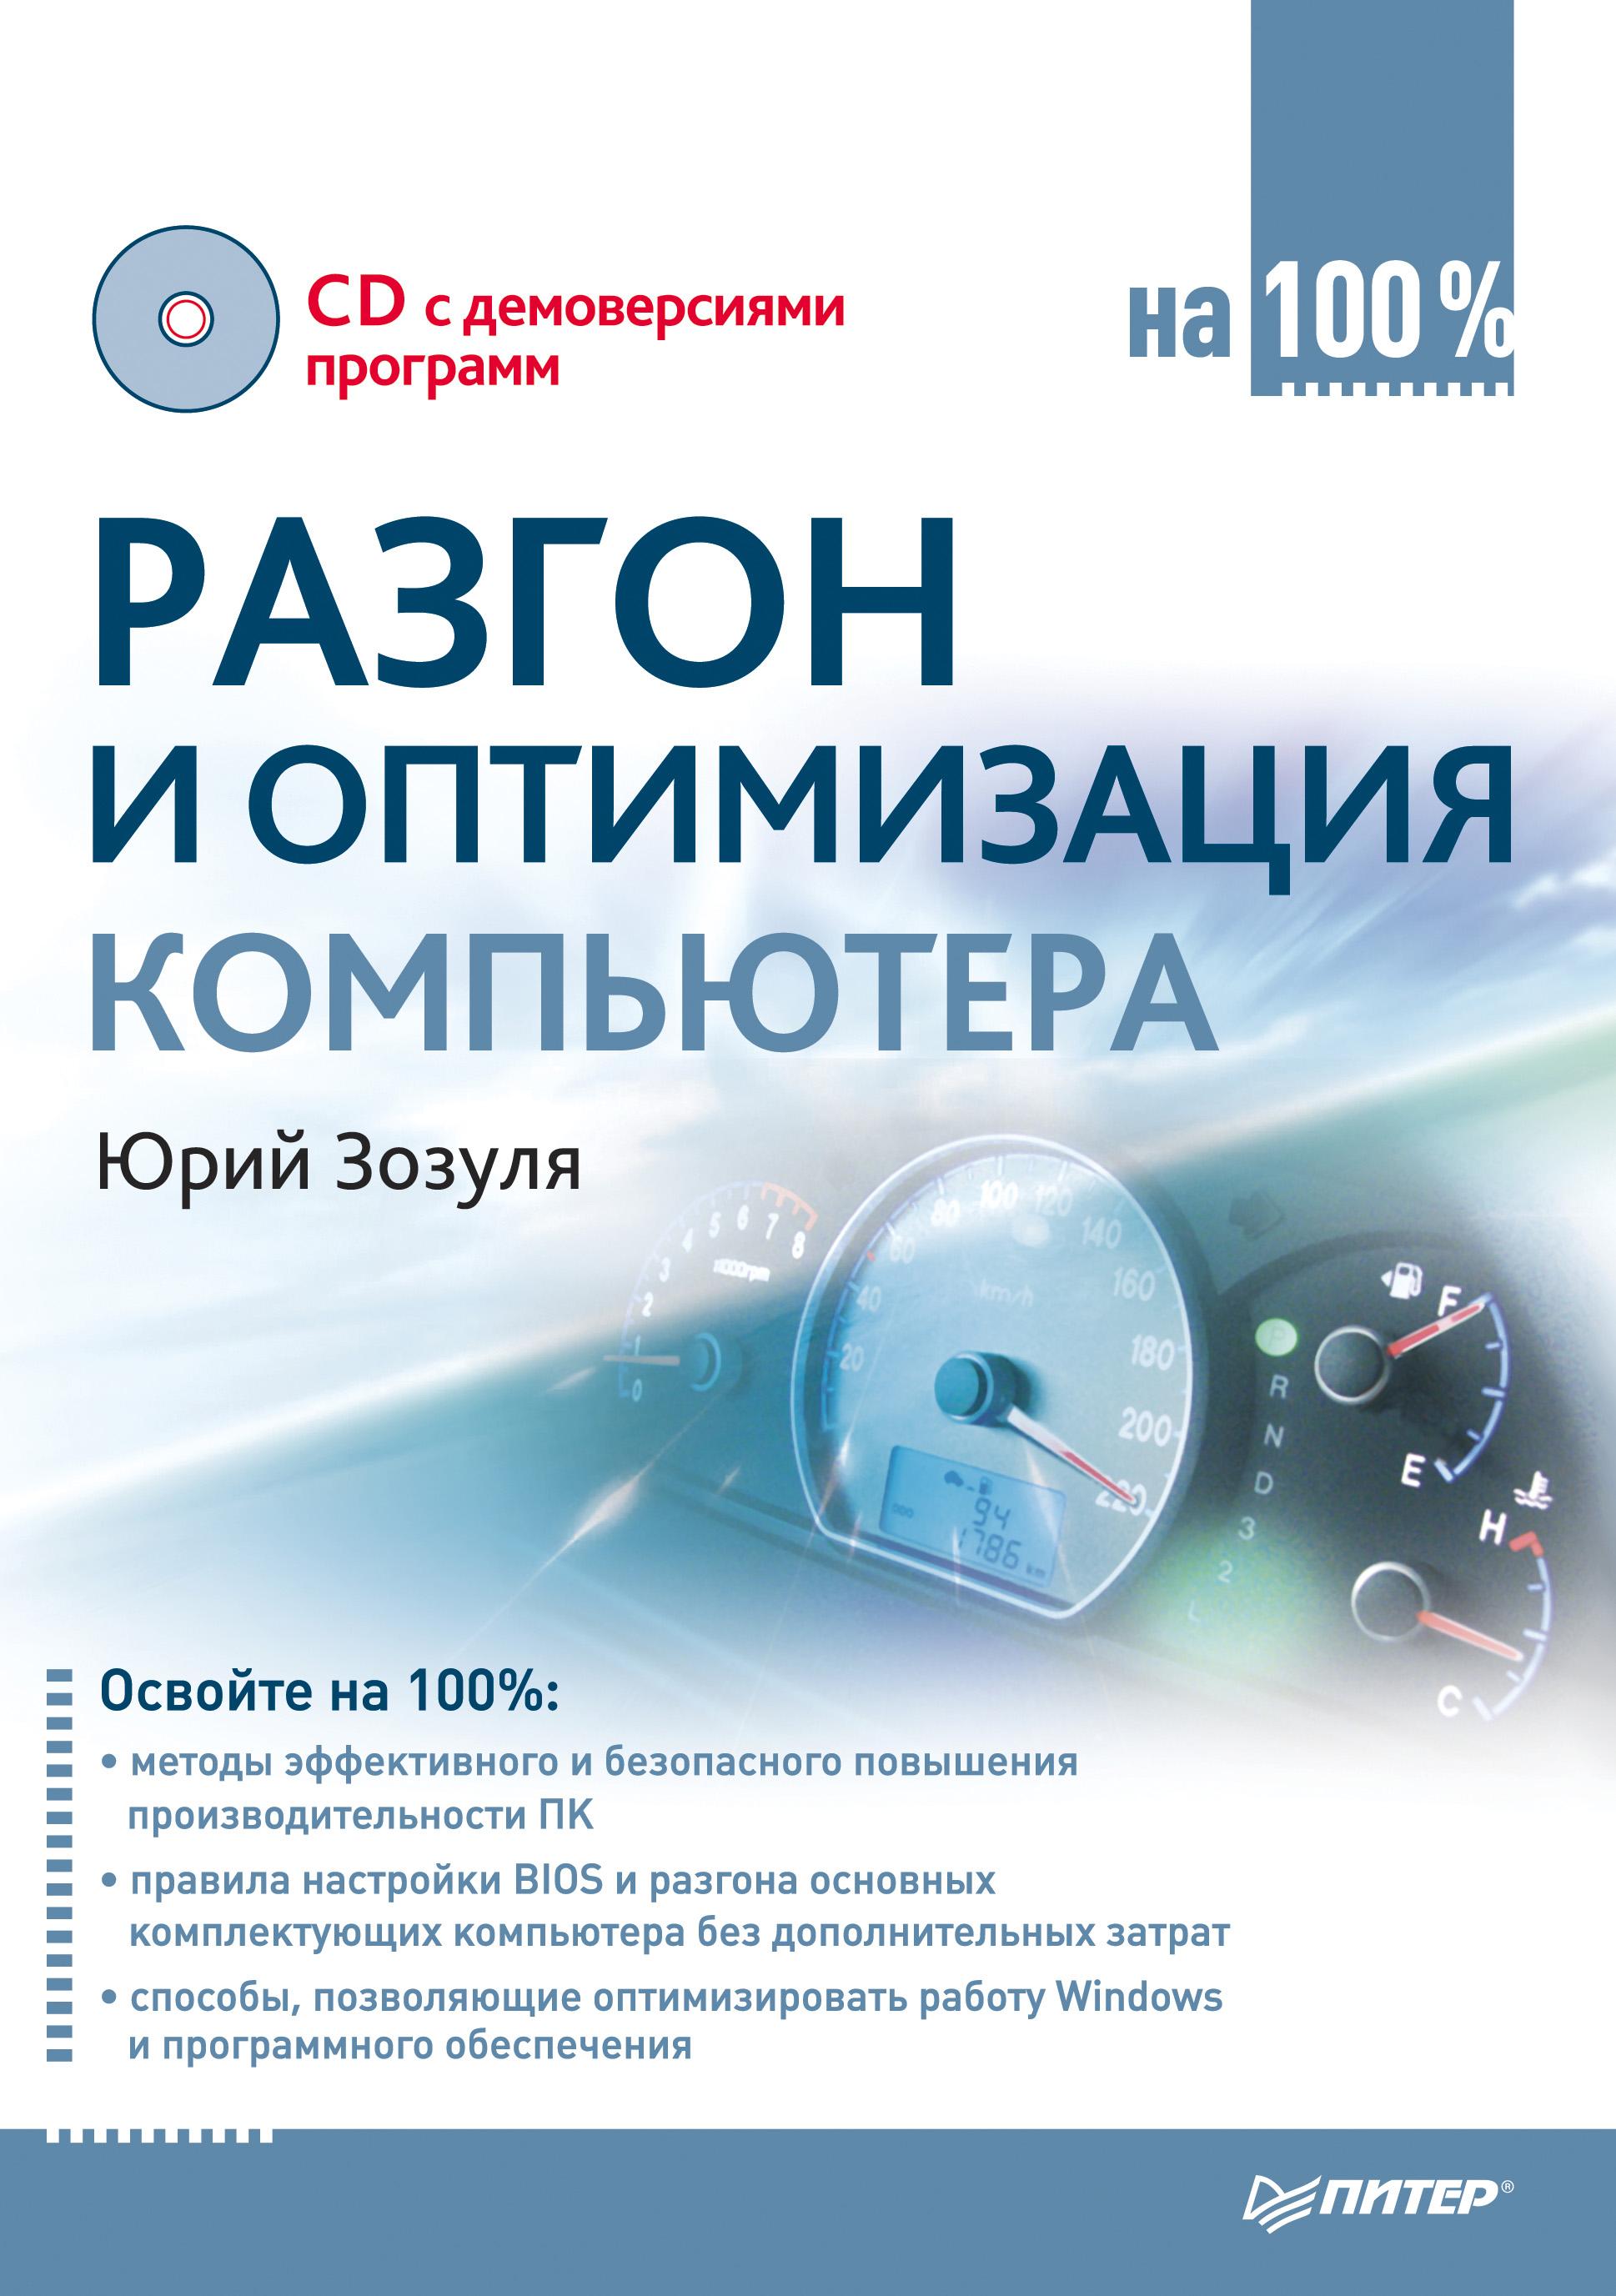 Юрий Зозуля «Разгон и оптимизация компьютера на 100 %»